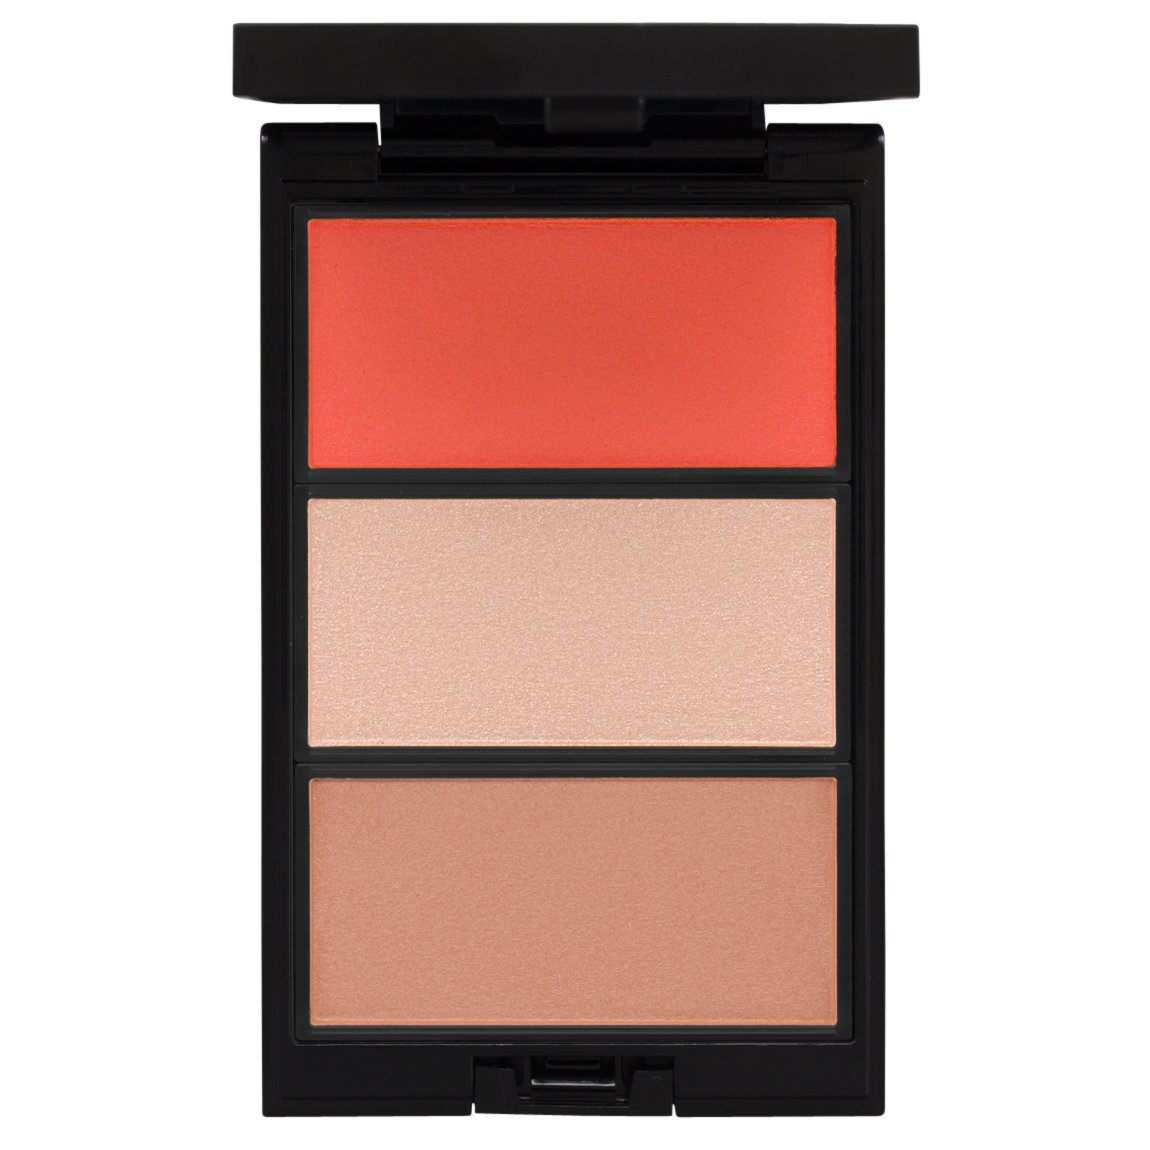 Surratt Beauty Plus de Soleil Grande Palette product swatch.